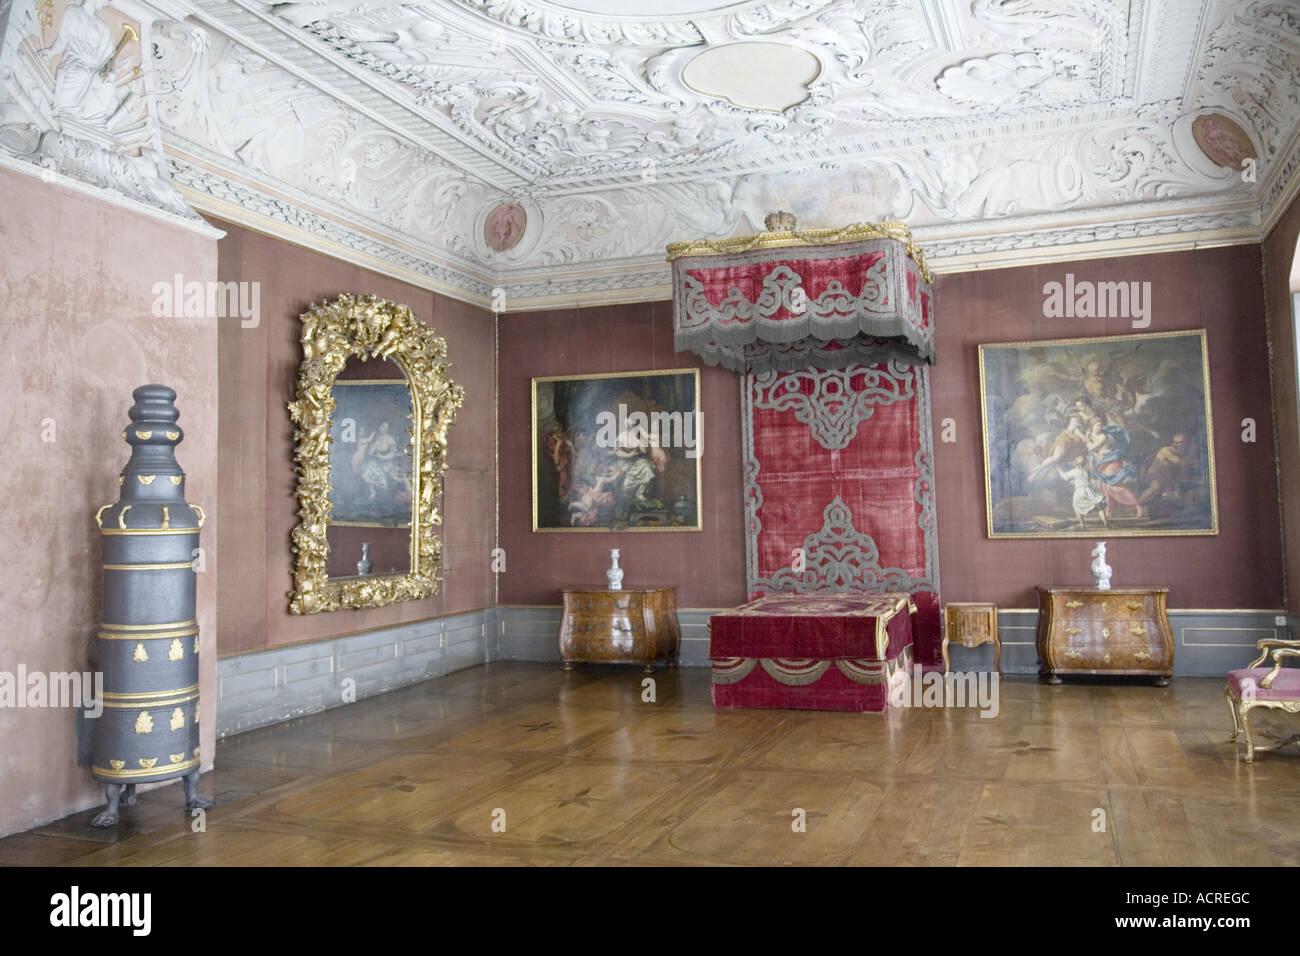 Schlafzimmer Bayerische Staatliche Galerie Museum Neue Residenz Palace Bamberg Deutschland Stockfotografie Alamy